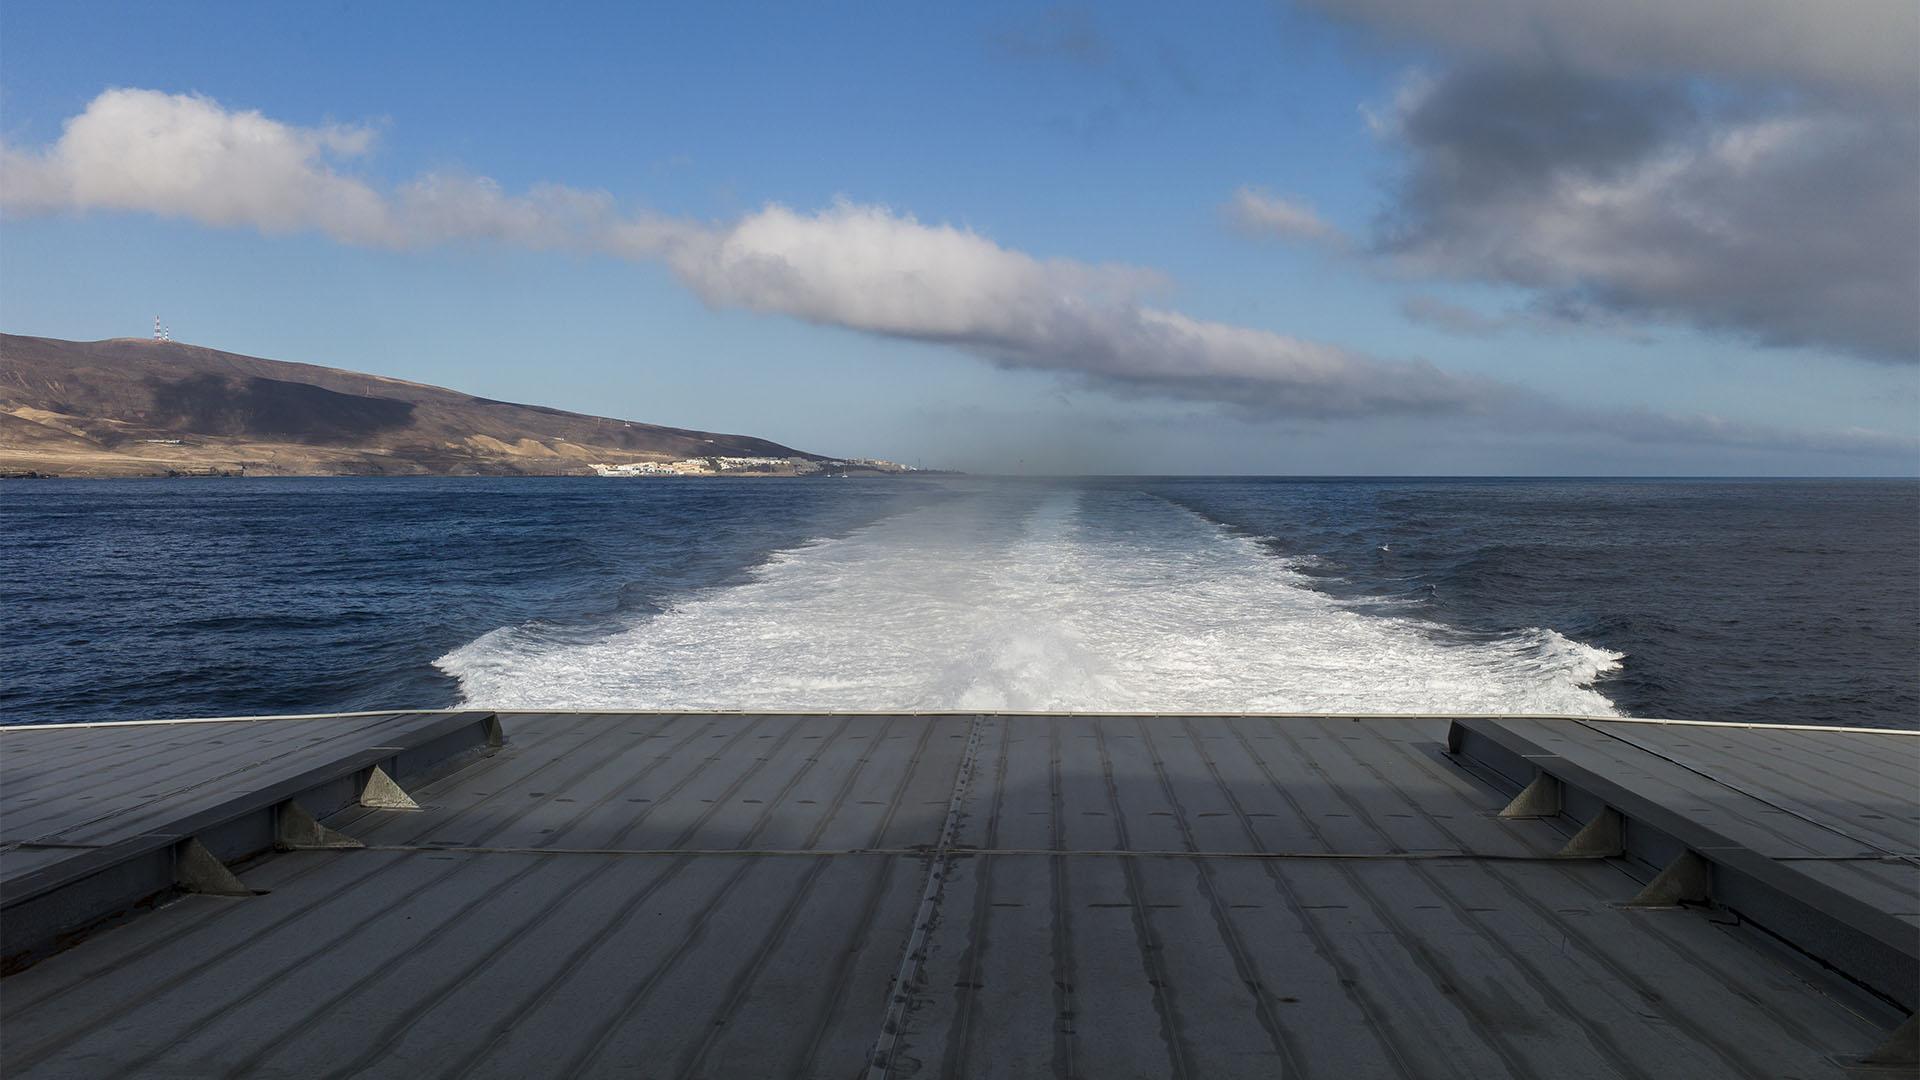 Fährverbindungen Fuerteventura: Zwischen den kanarischen Inseln und der iberischen Halbinsel.